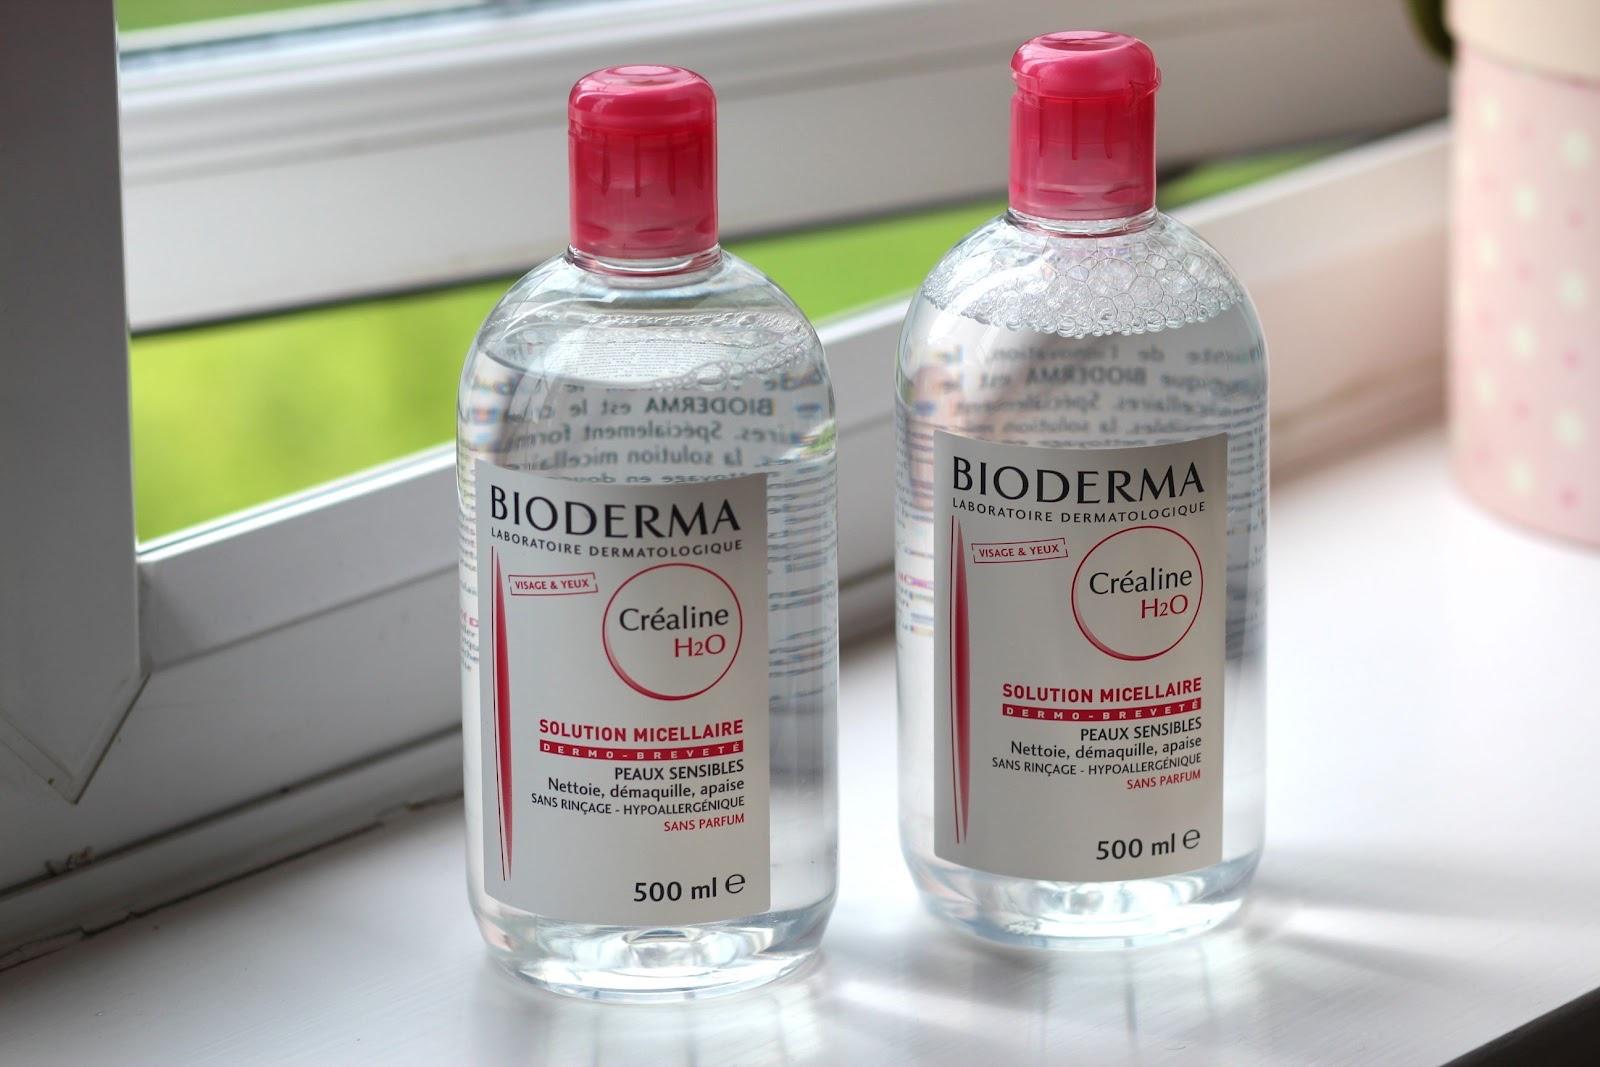 Nước Tẩy Trang Bioderma H2O 500ml - Hồng - Xanh ( Có 2 Màu Để Khách Chọn)